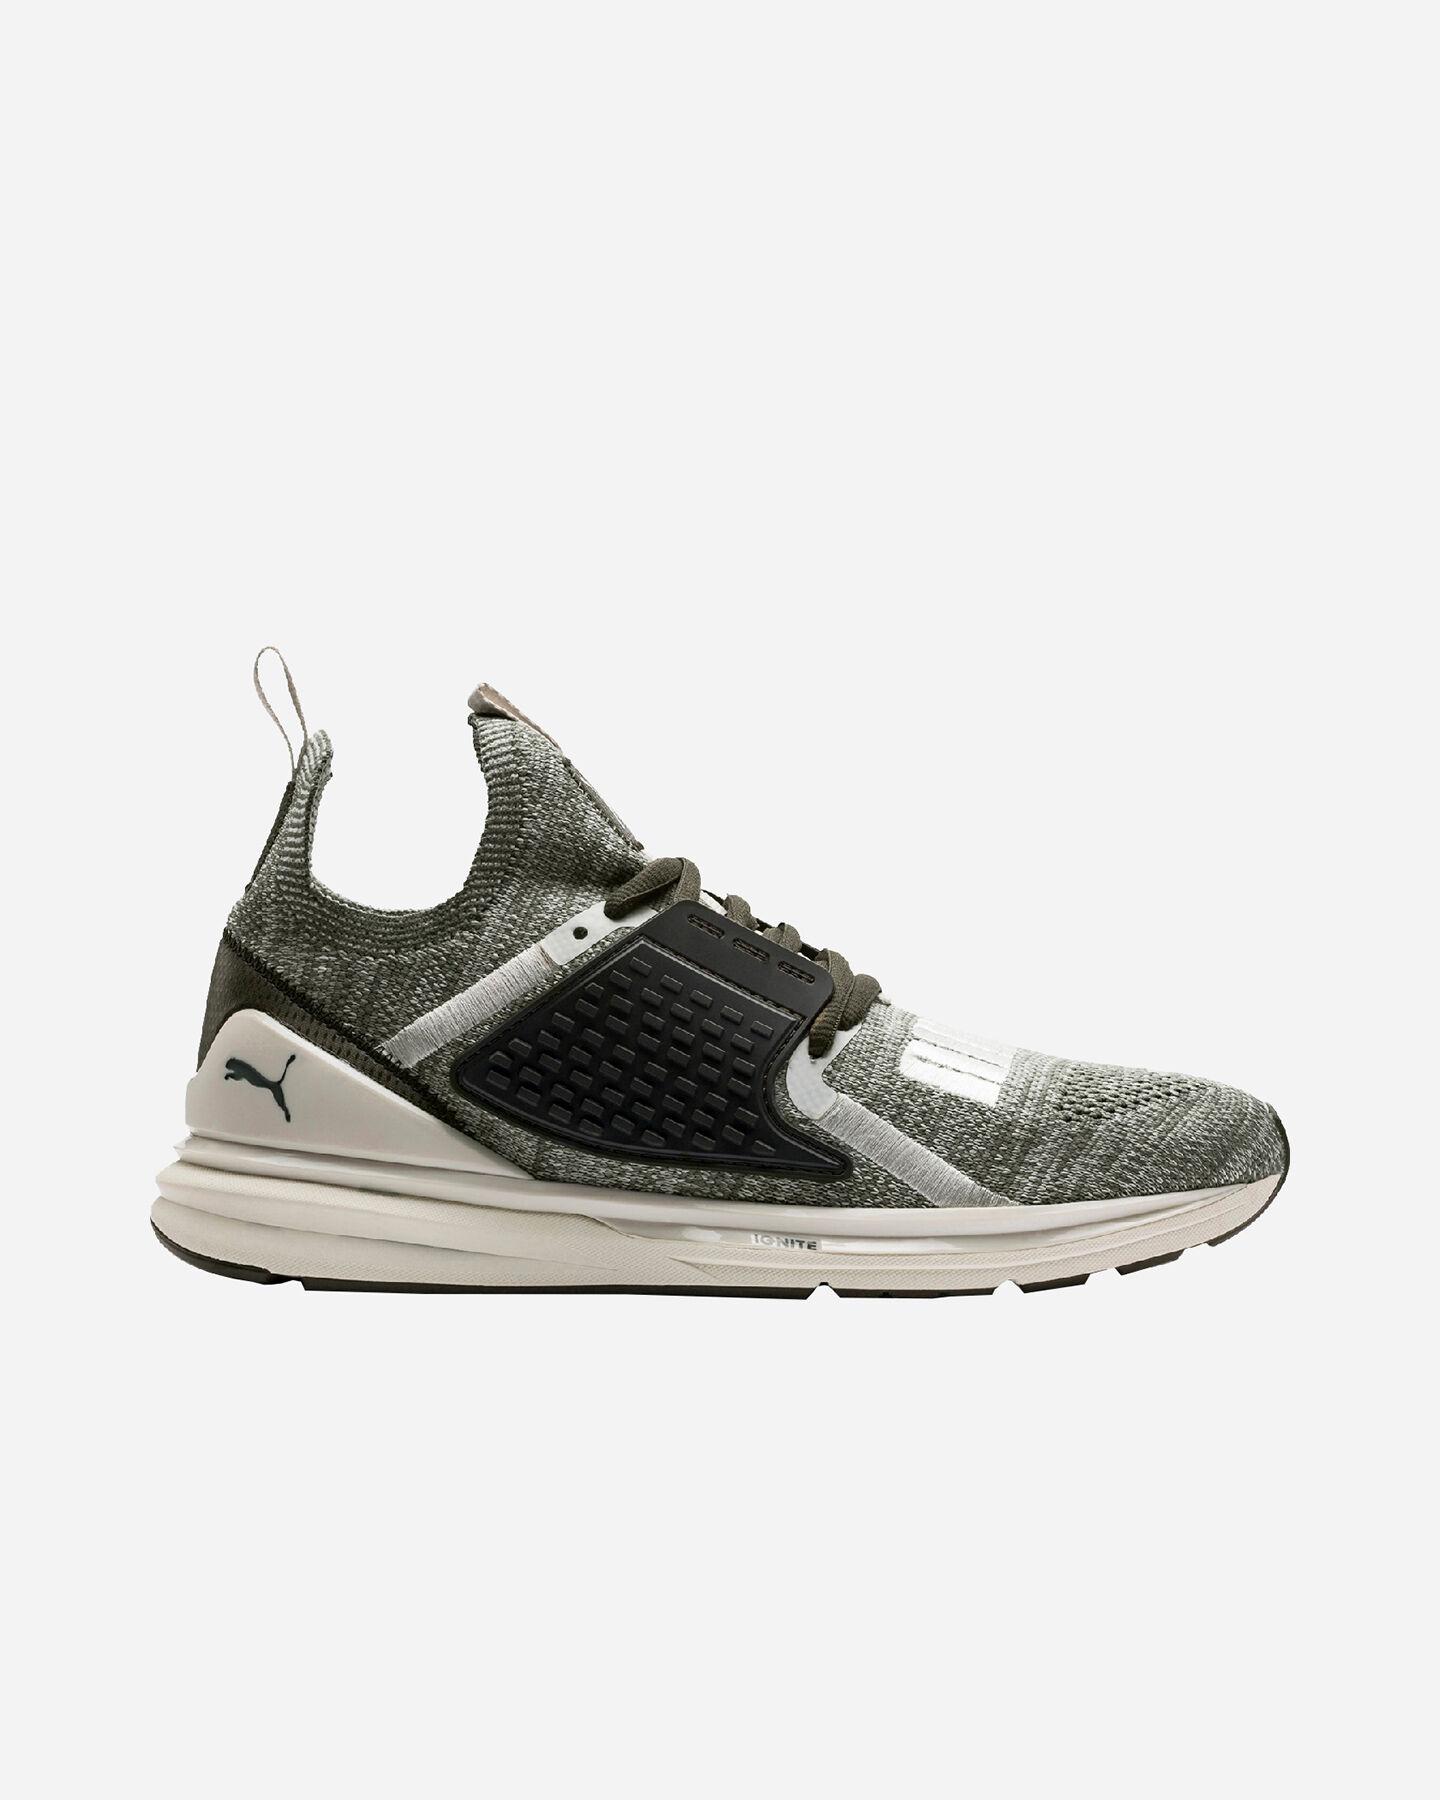 scarpe donna puma ignite